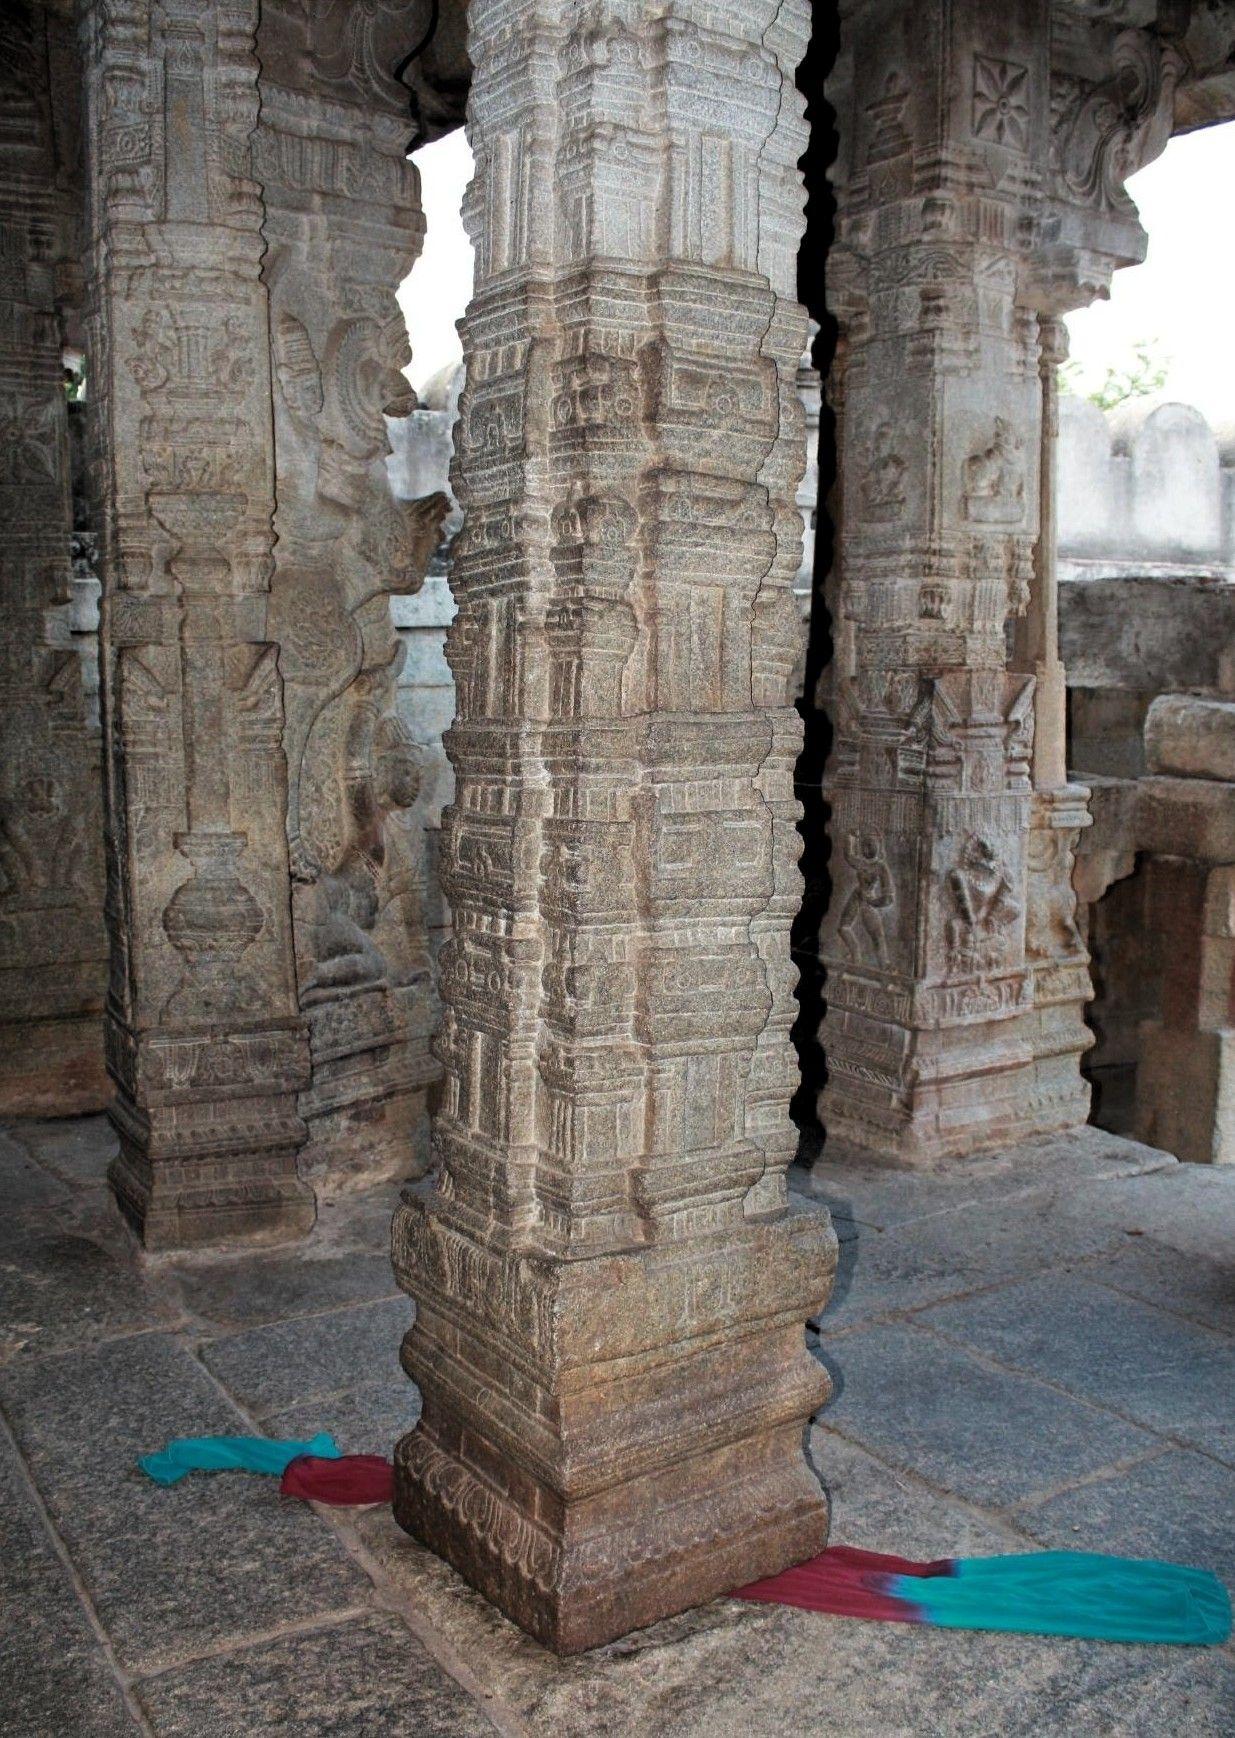 iXiAmazing The Floating Pillar of the Veerabhadra temple